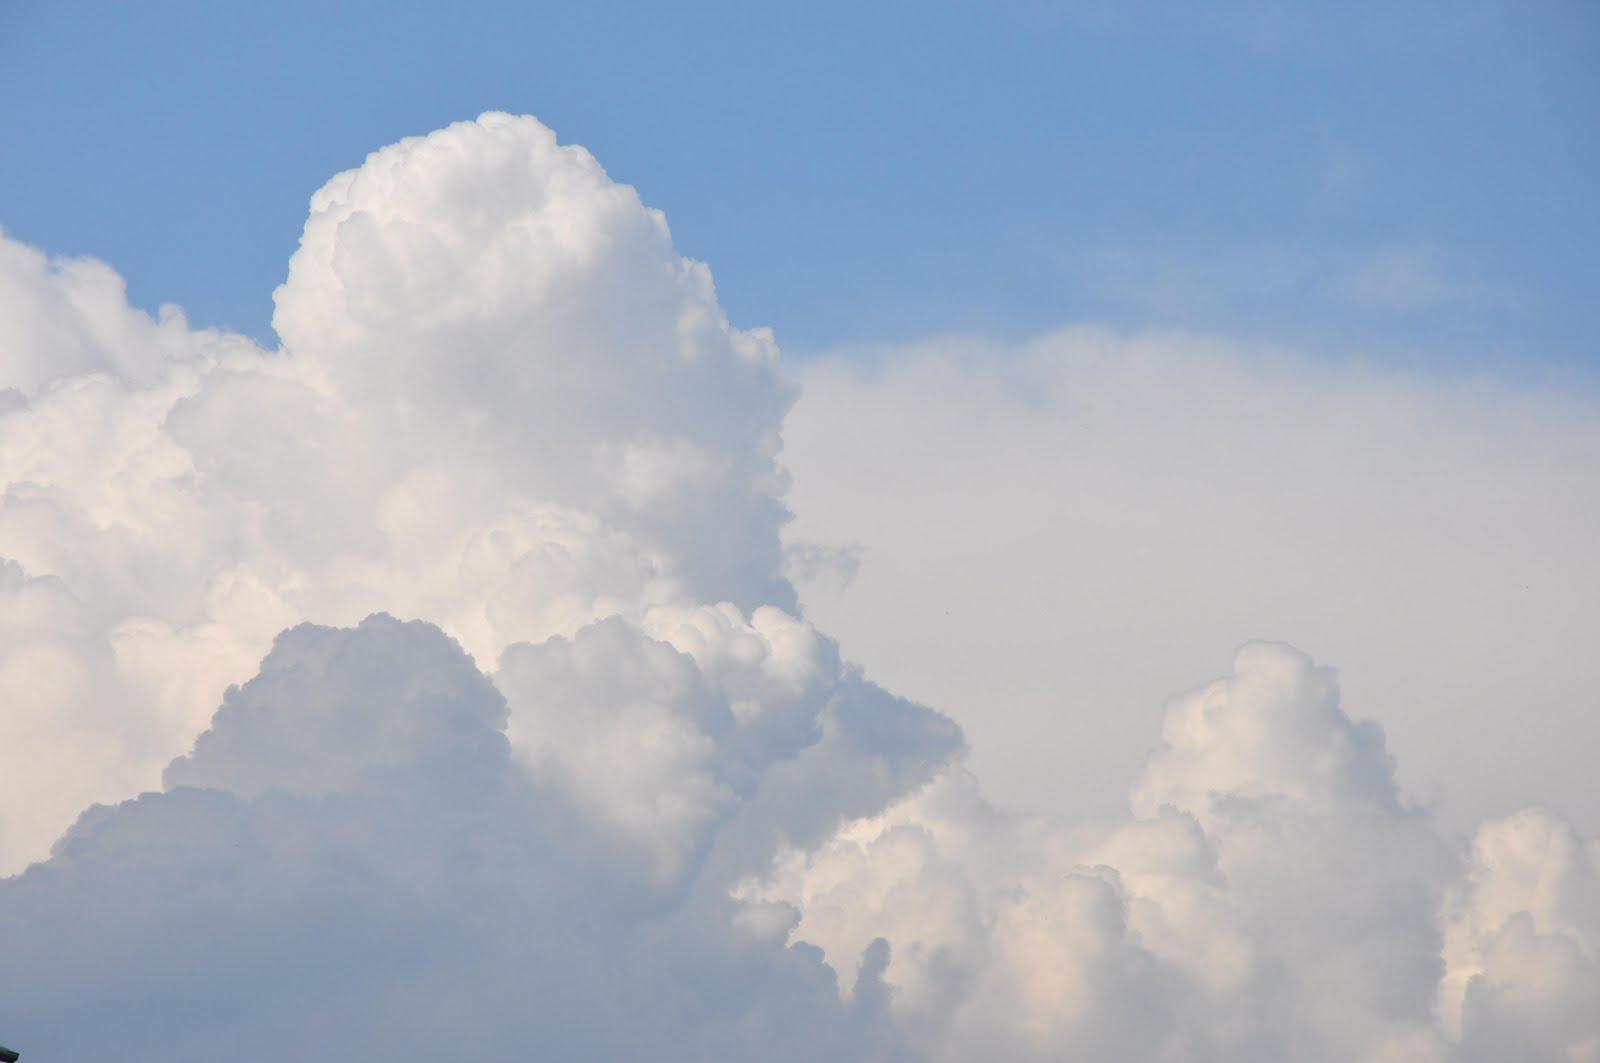 Qu'en pensez vous ?: Ciel avec nuages - photos et fonds d'écran